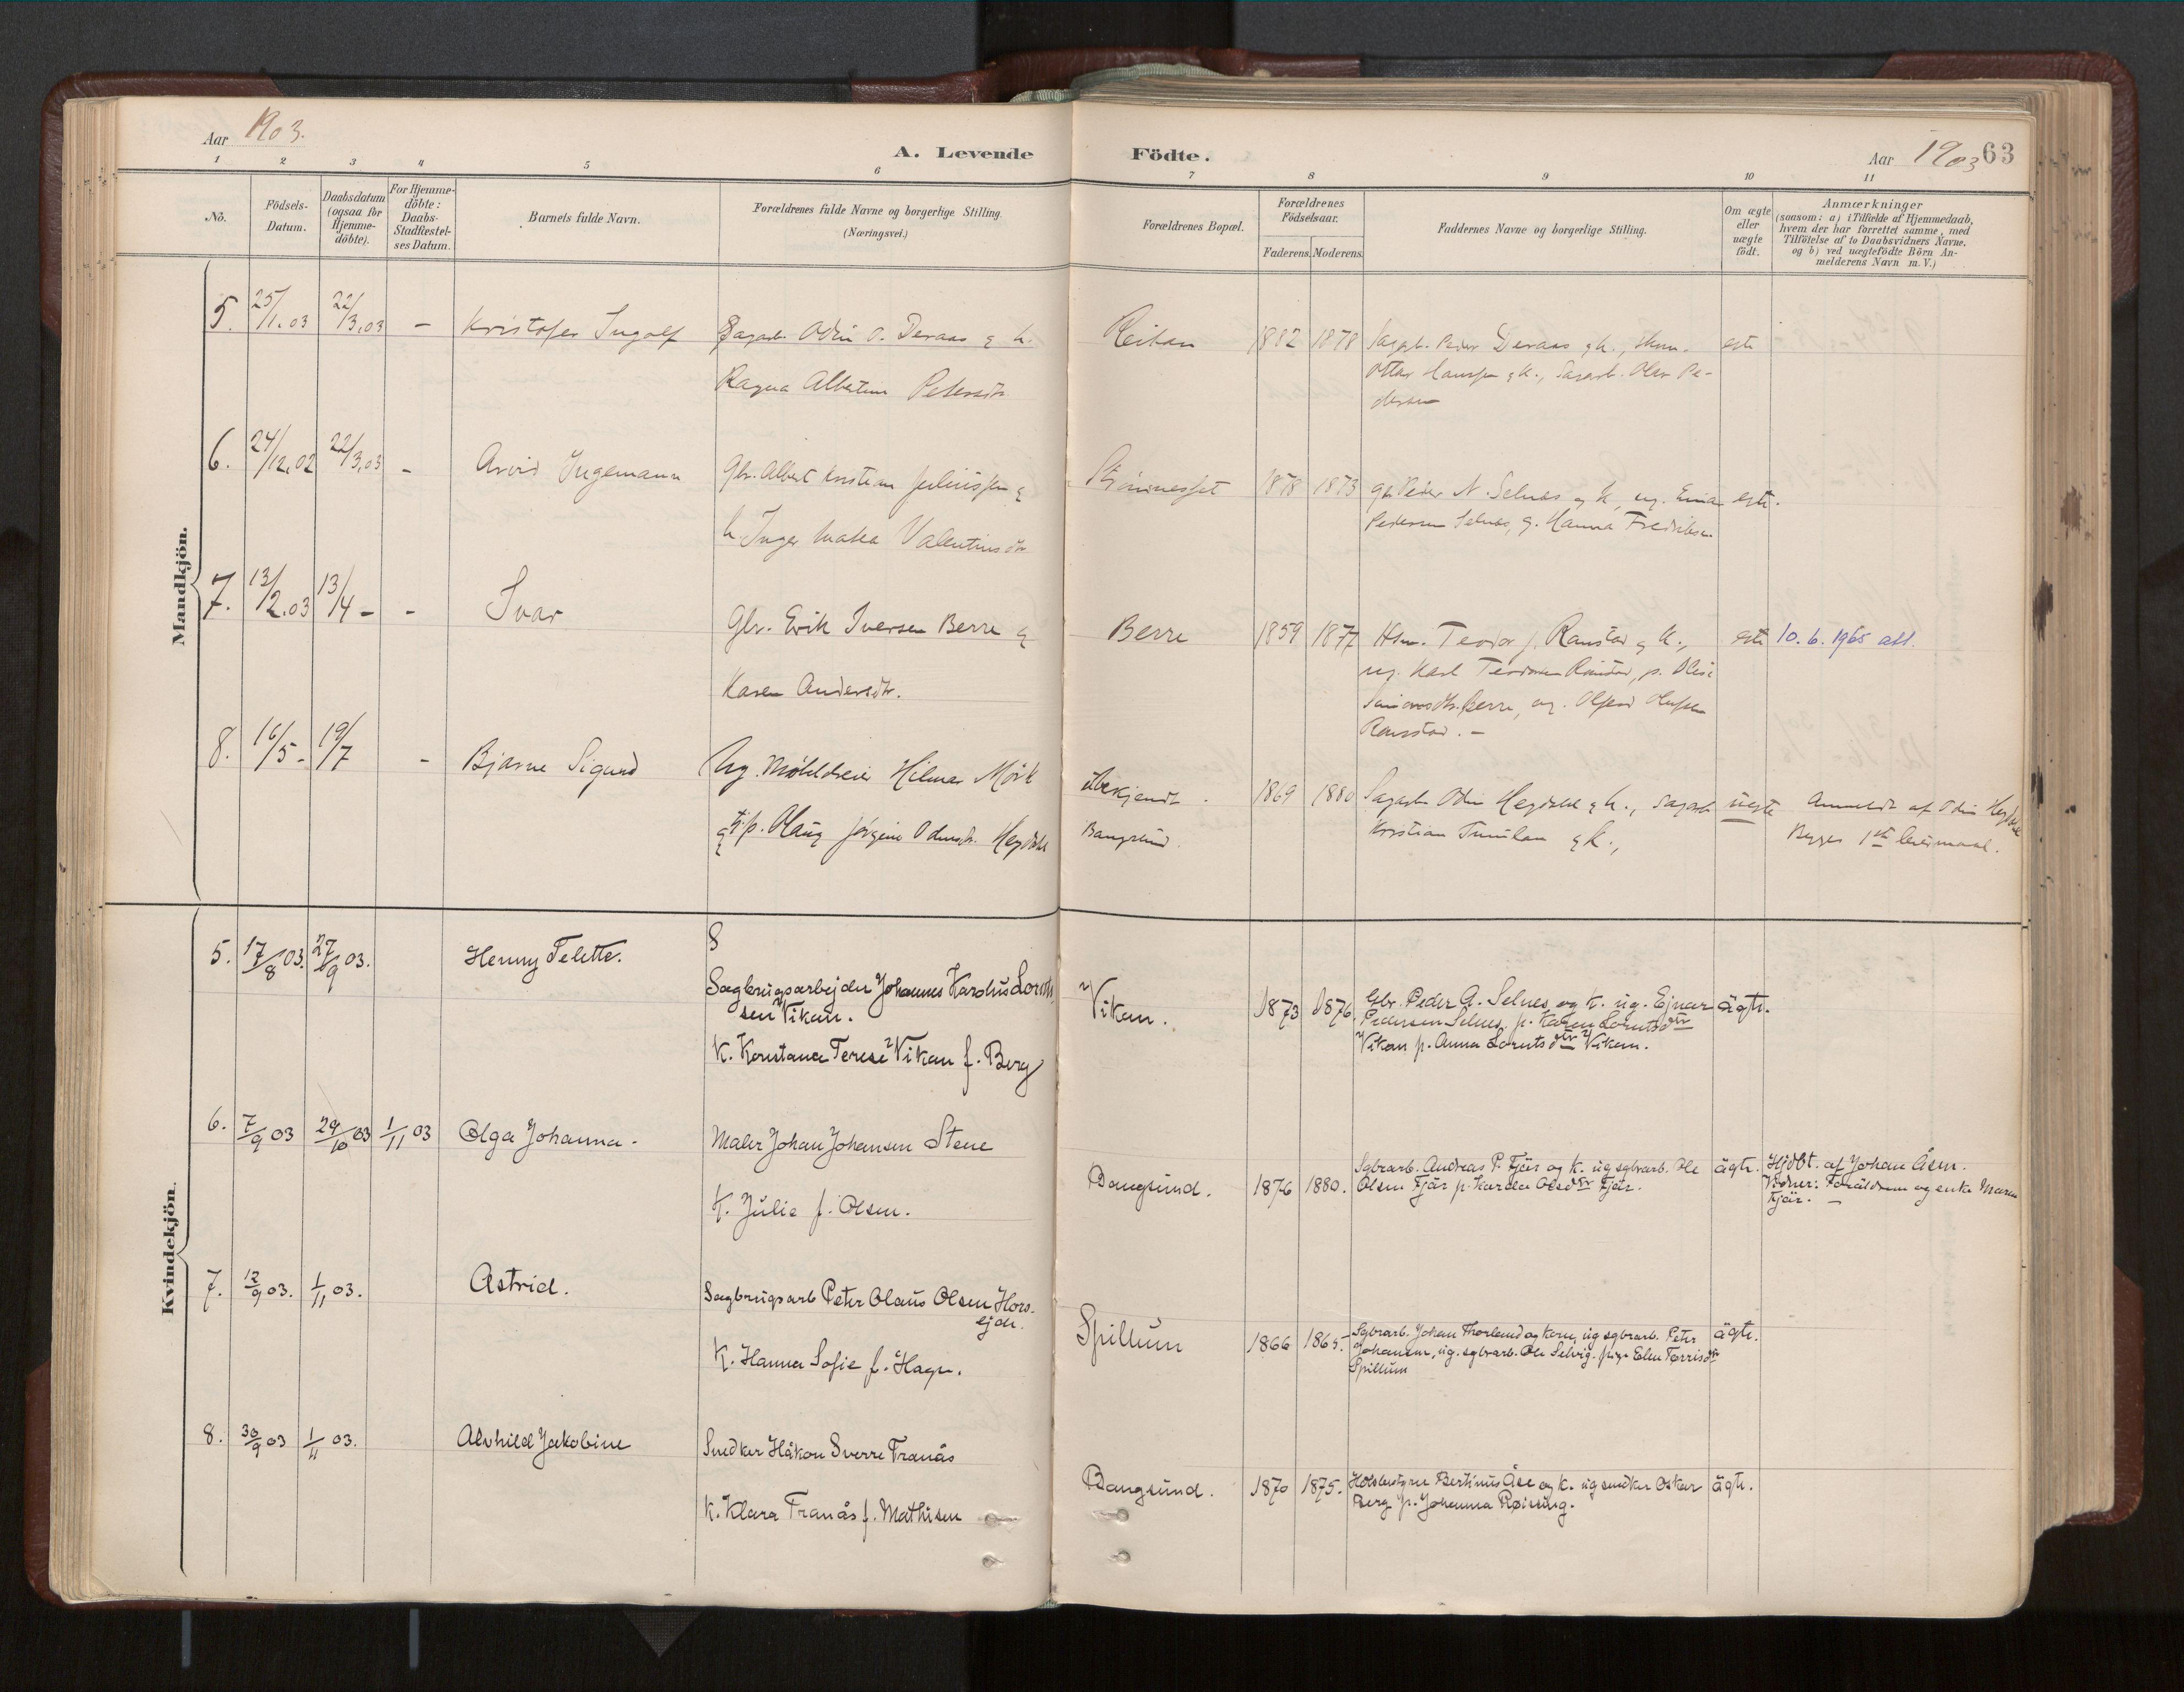 SAT, Ministerialprotokoller, klokkerbøker og fødselsregistre - Nord-Trøndelag, 770/L0589: Ministerialbok nr. 770A03, 1887-1929, s. 63